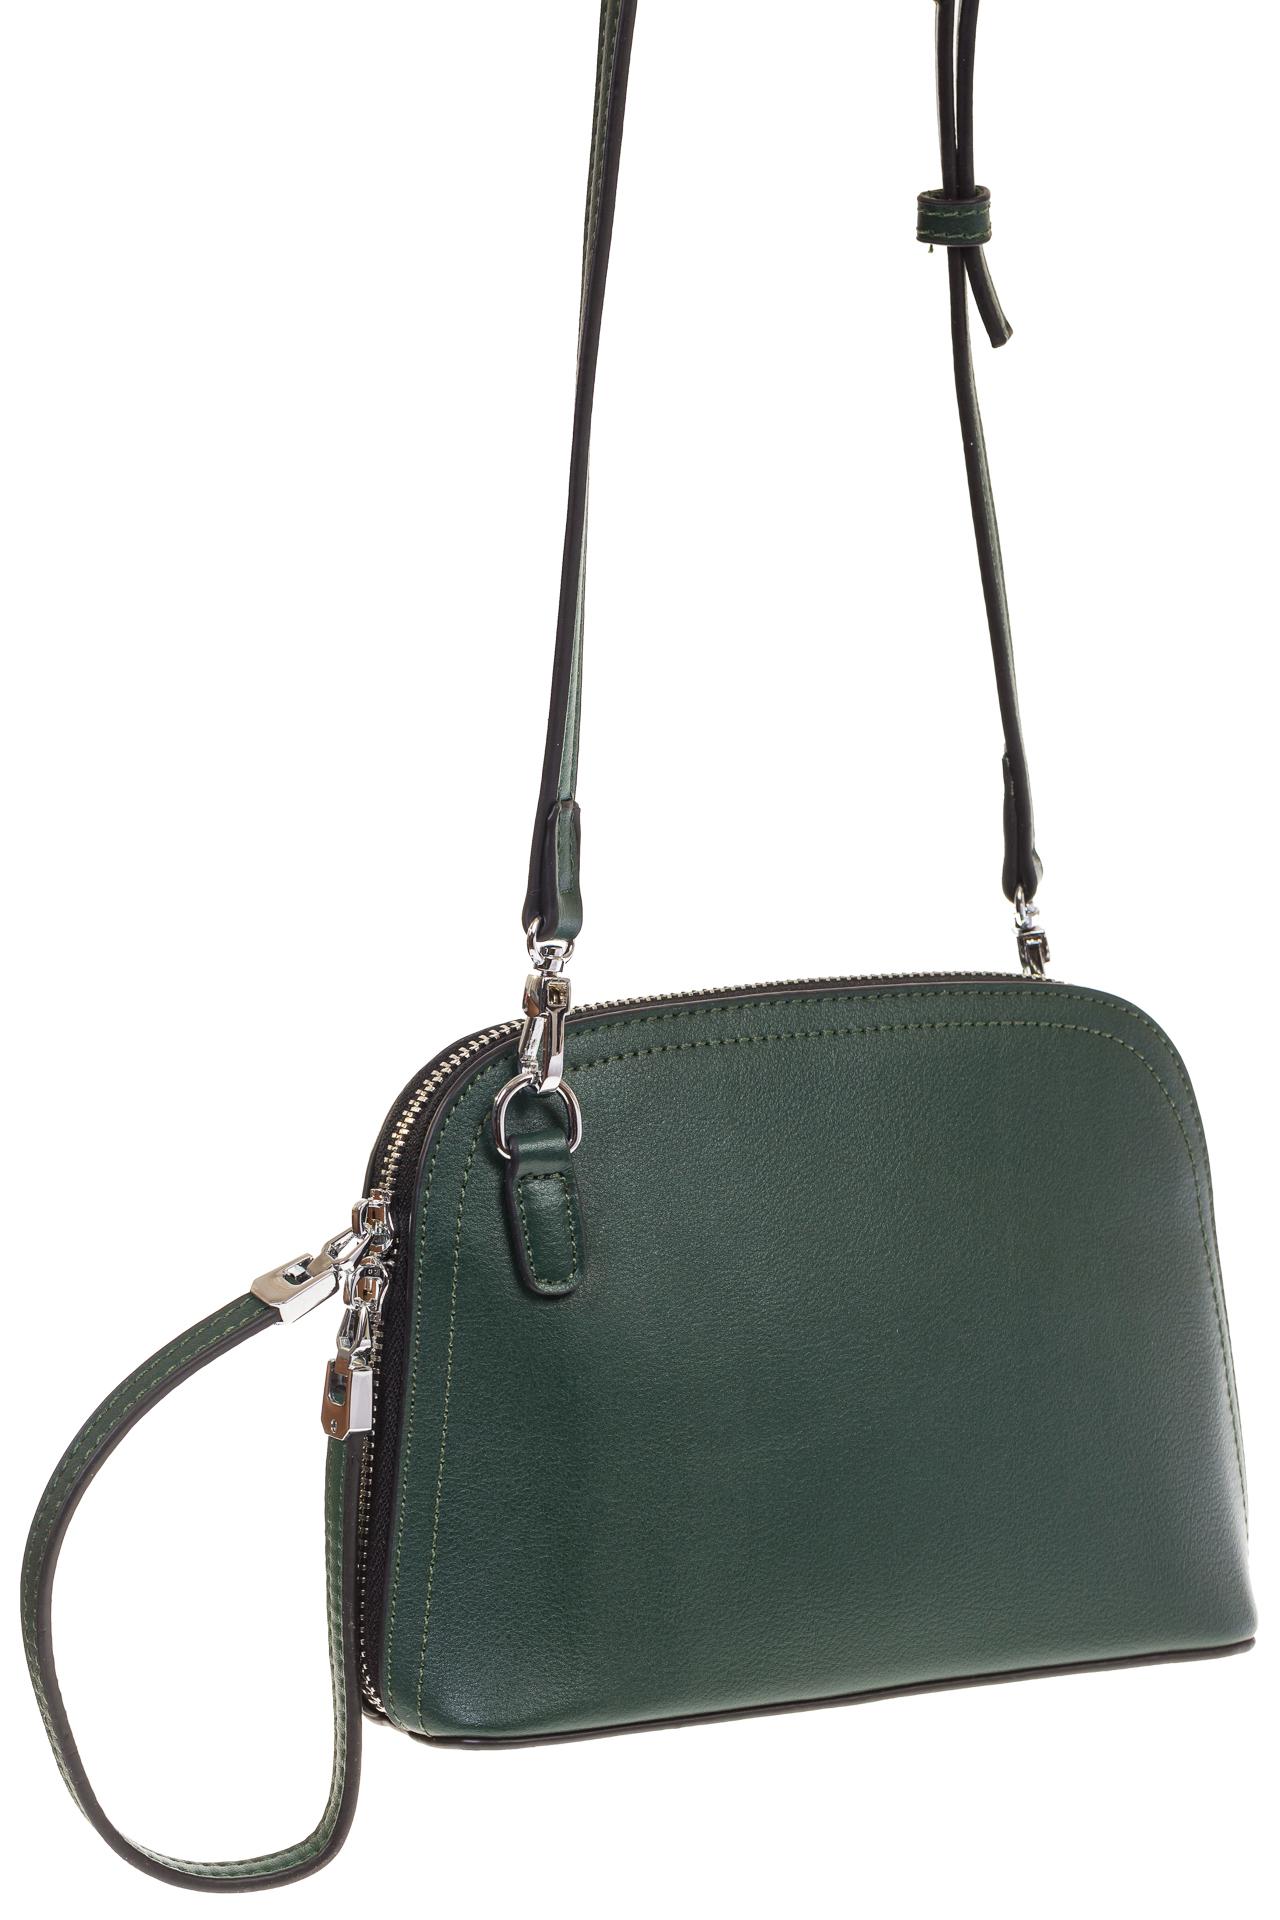 На фото Wristlet bag для женщин, цвет – зеленый, материал – натуральная кожа, купить оптом в магазине Грета